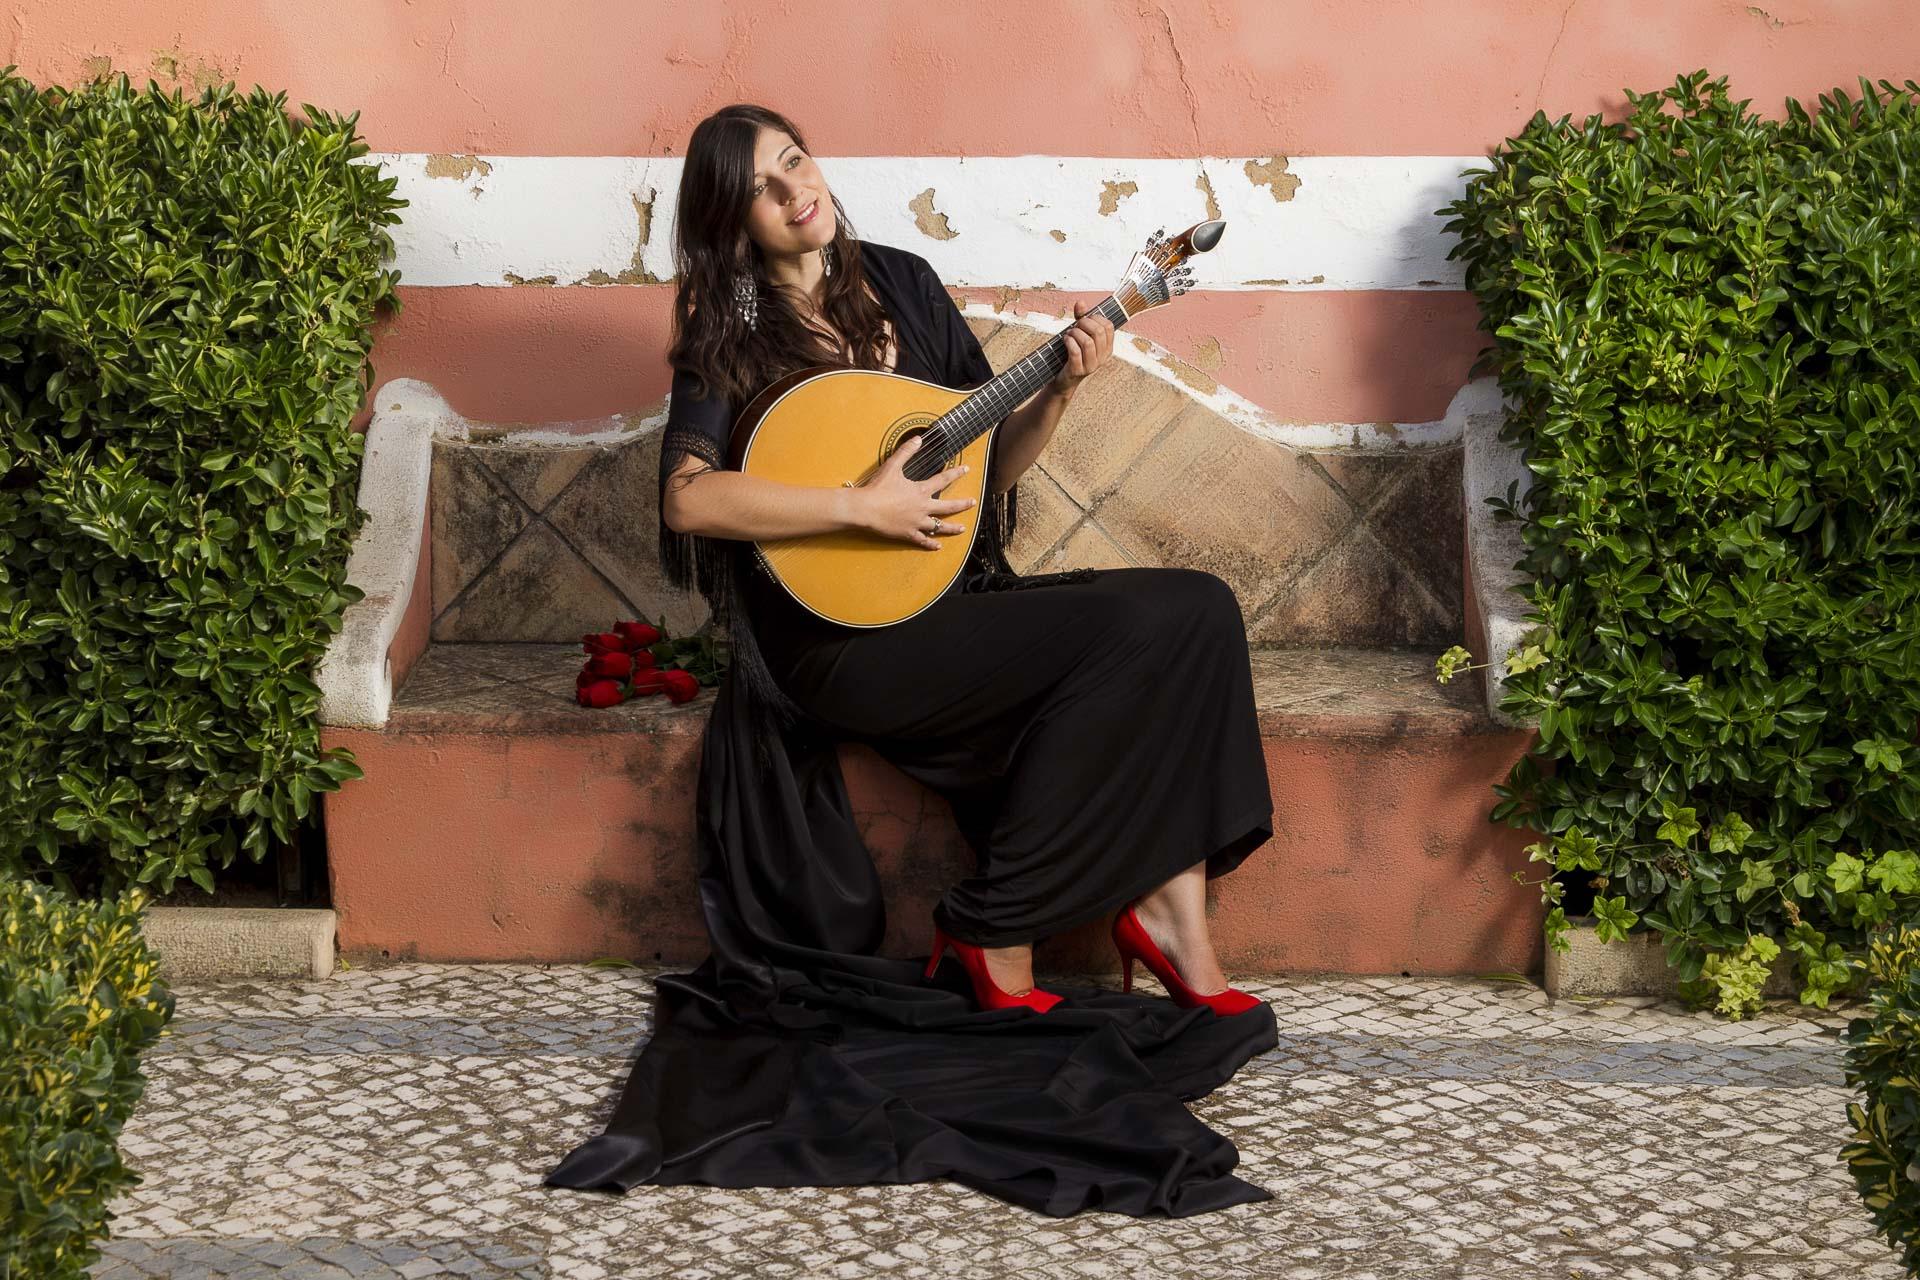 E-Bike Reisen entlang des Jakobweges - dem melancholischen Gesang der Fado-Sängerin können Sie in Portugal lauschen